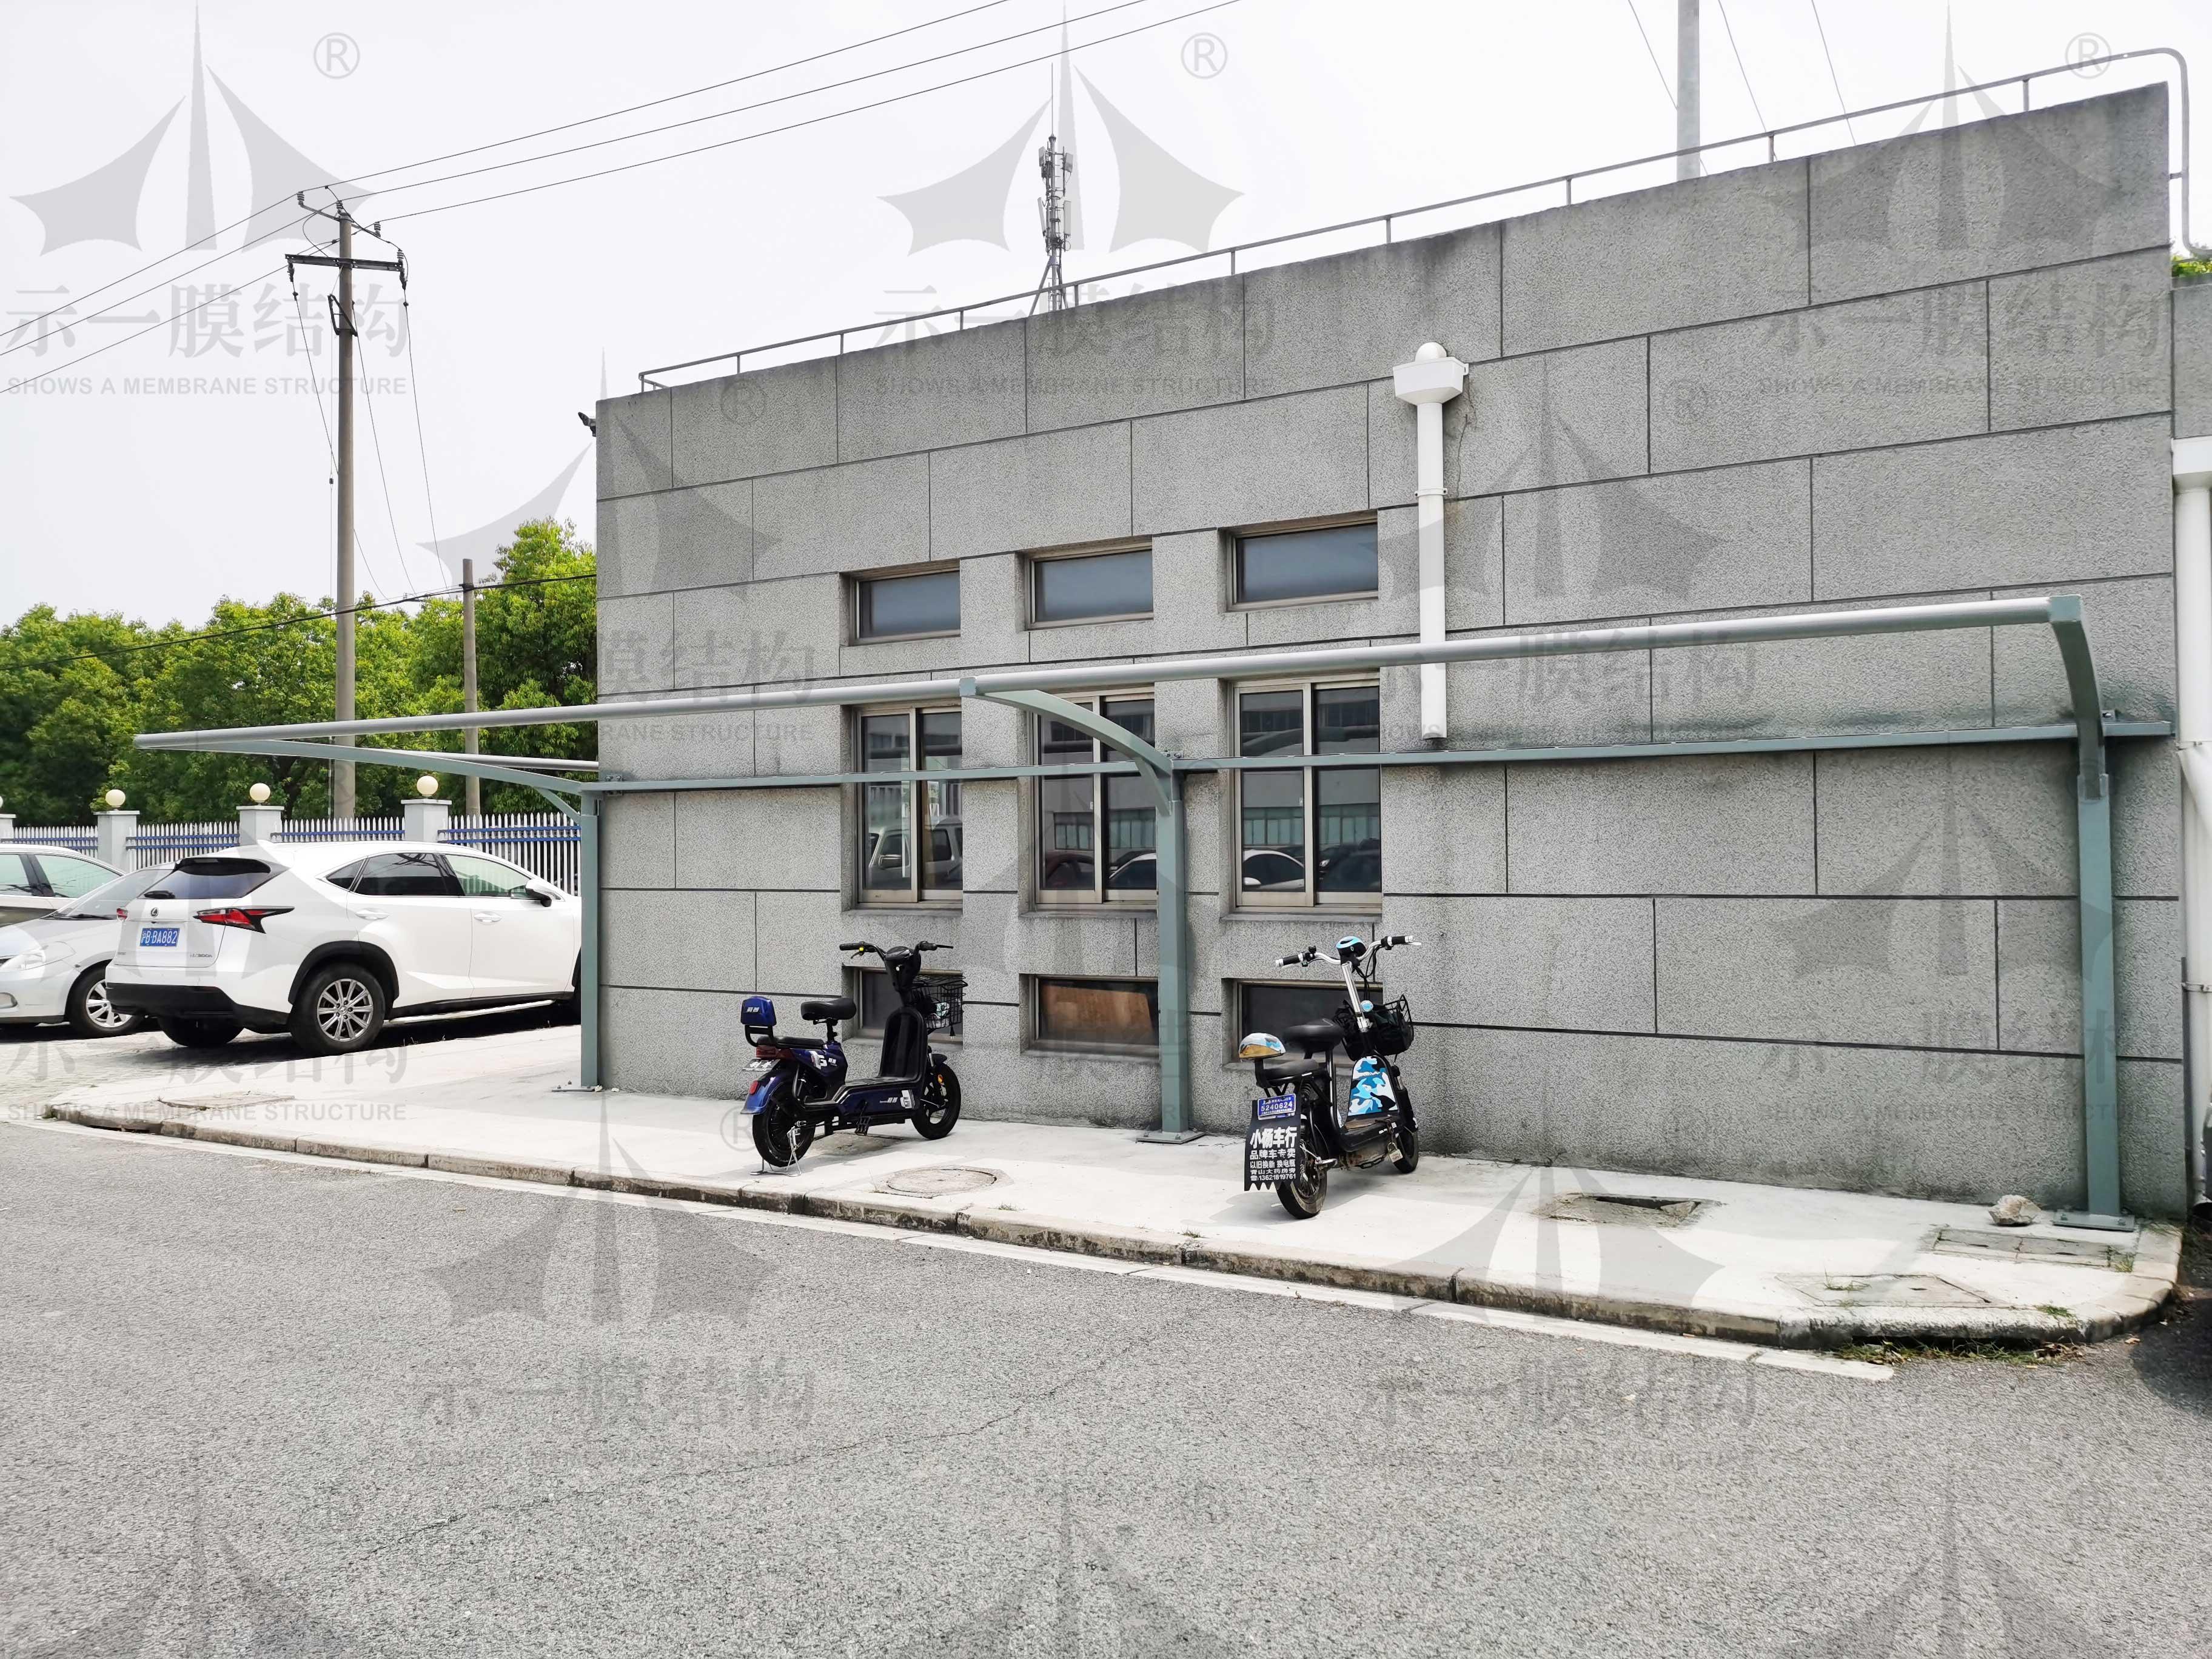 上海示一膜结构上海青浦膜结构停车棚第一部分